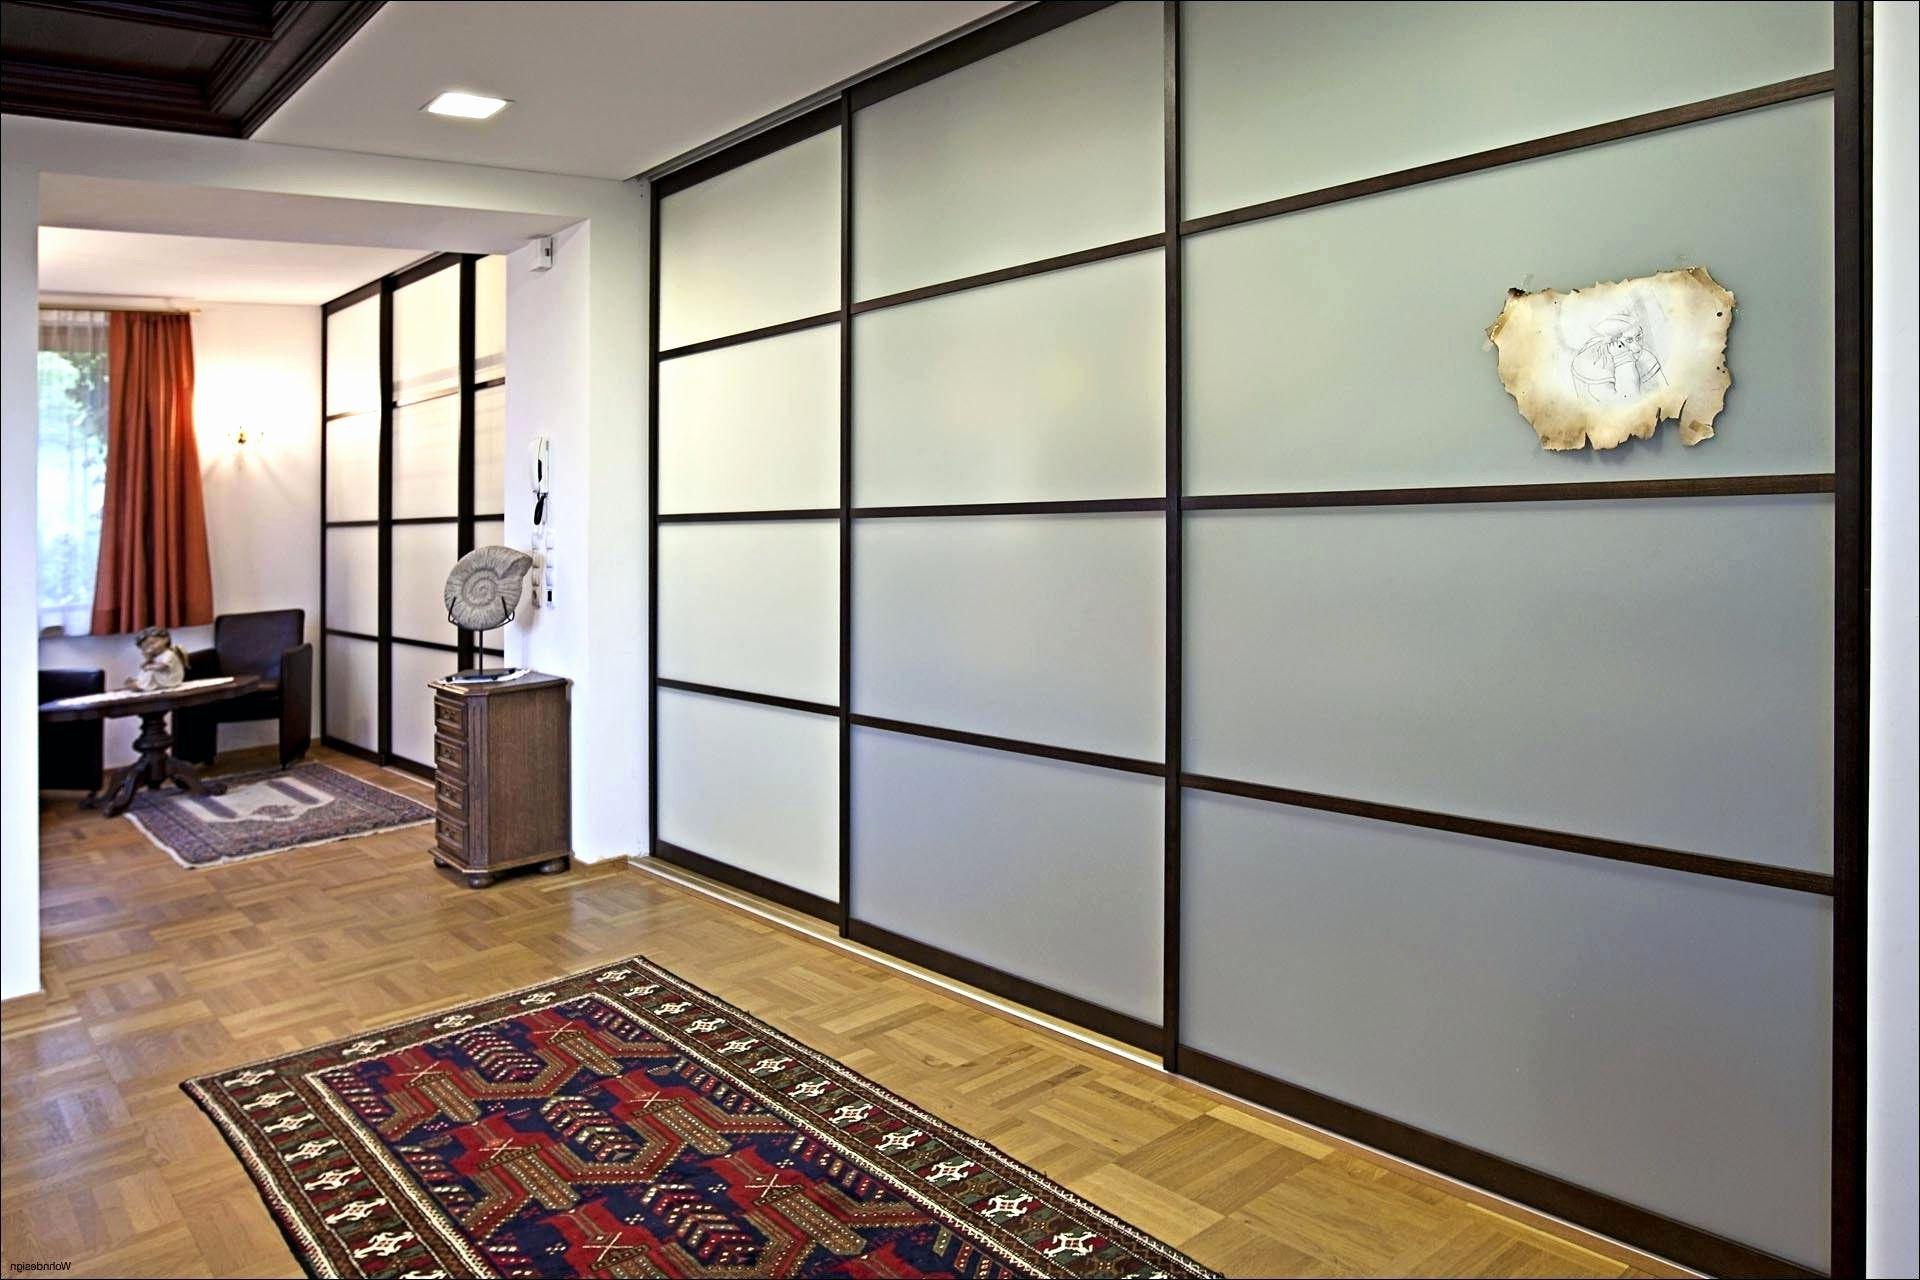 Einbauschrank Selber Bauen Schiebetür Frisch 50 Luxus Schrank Mit  Einlegeböden Bilder Japantravelz